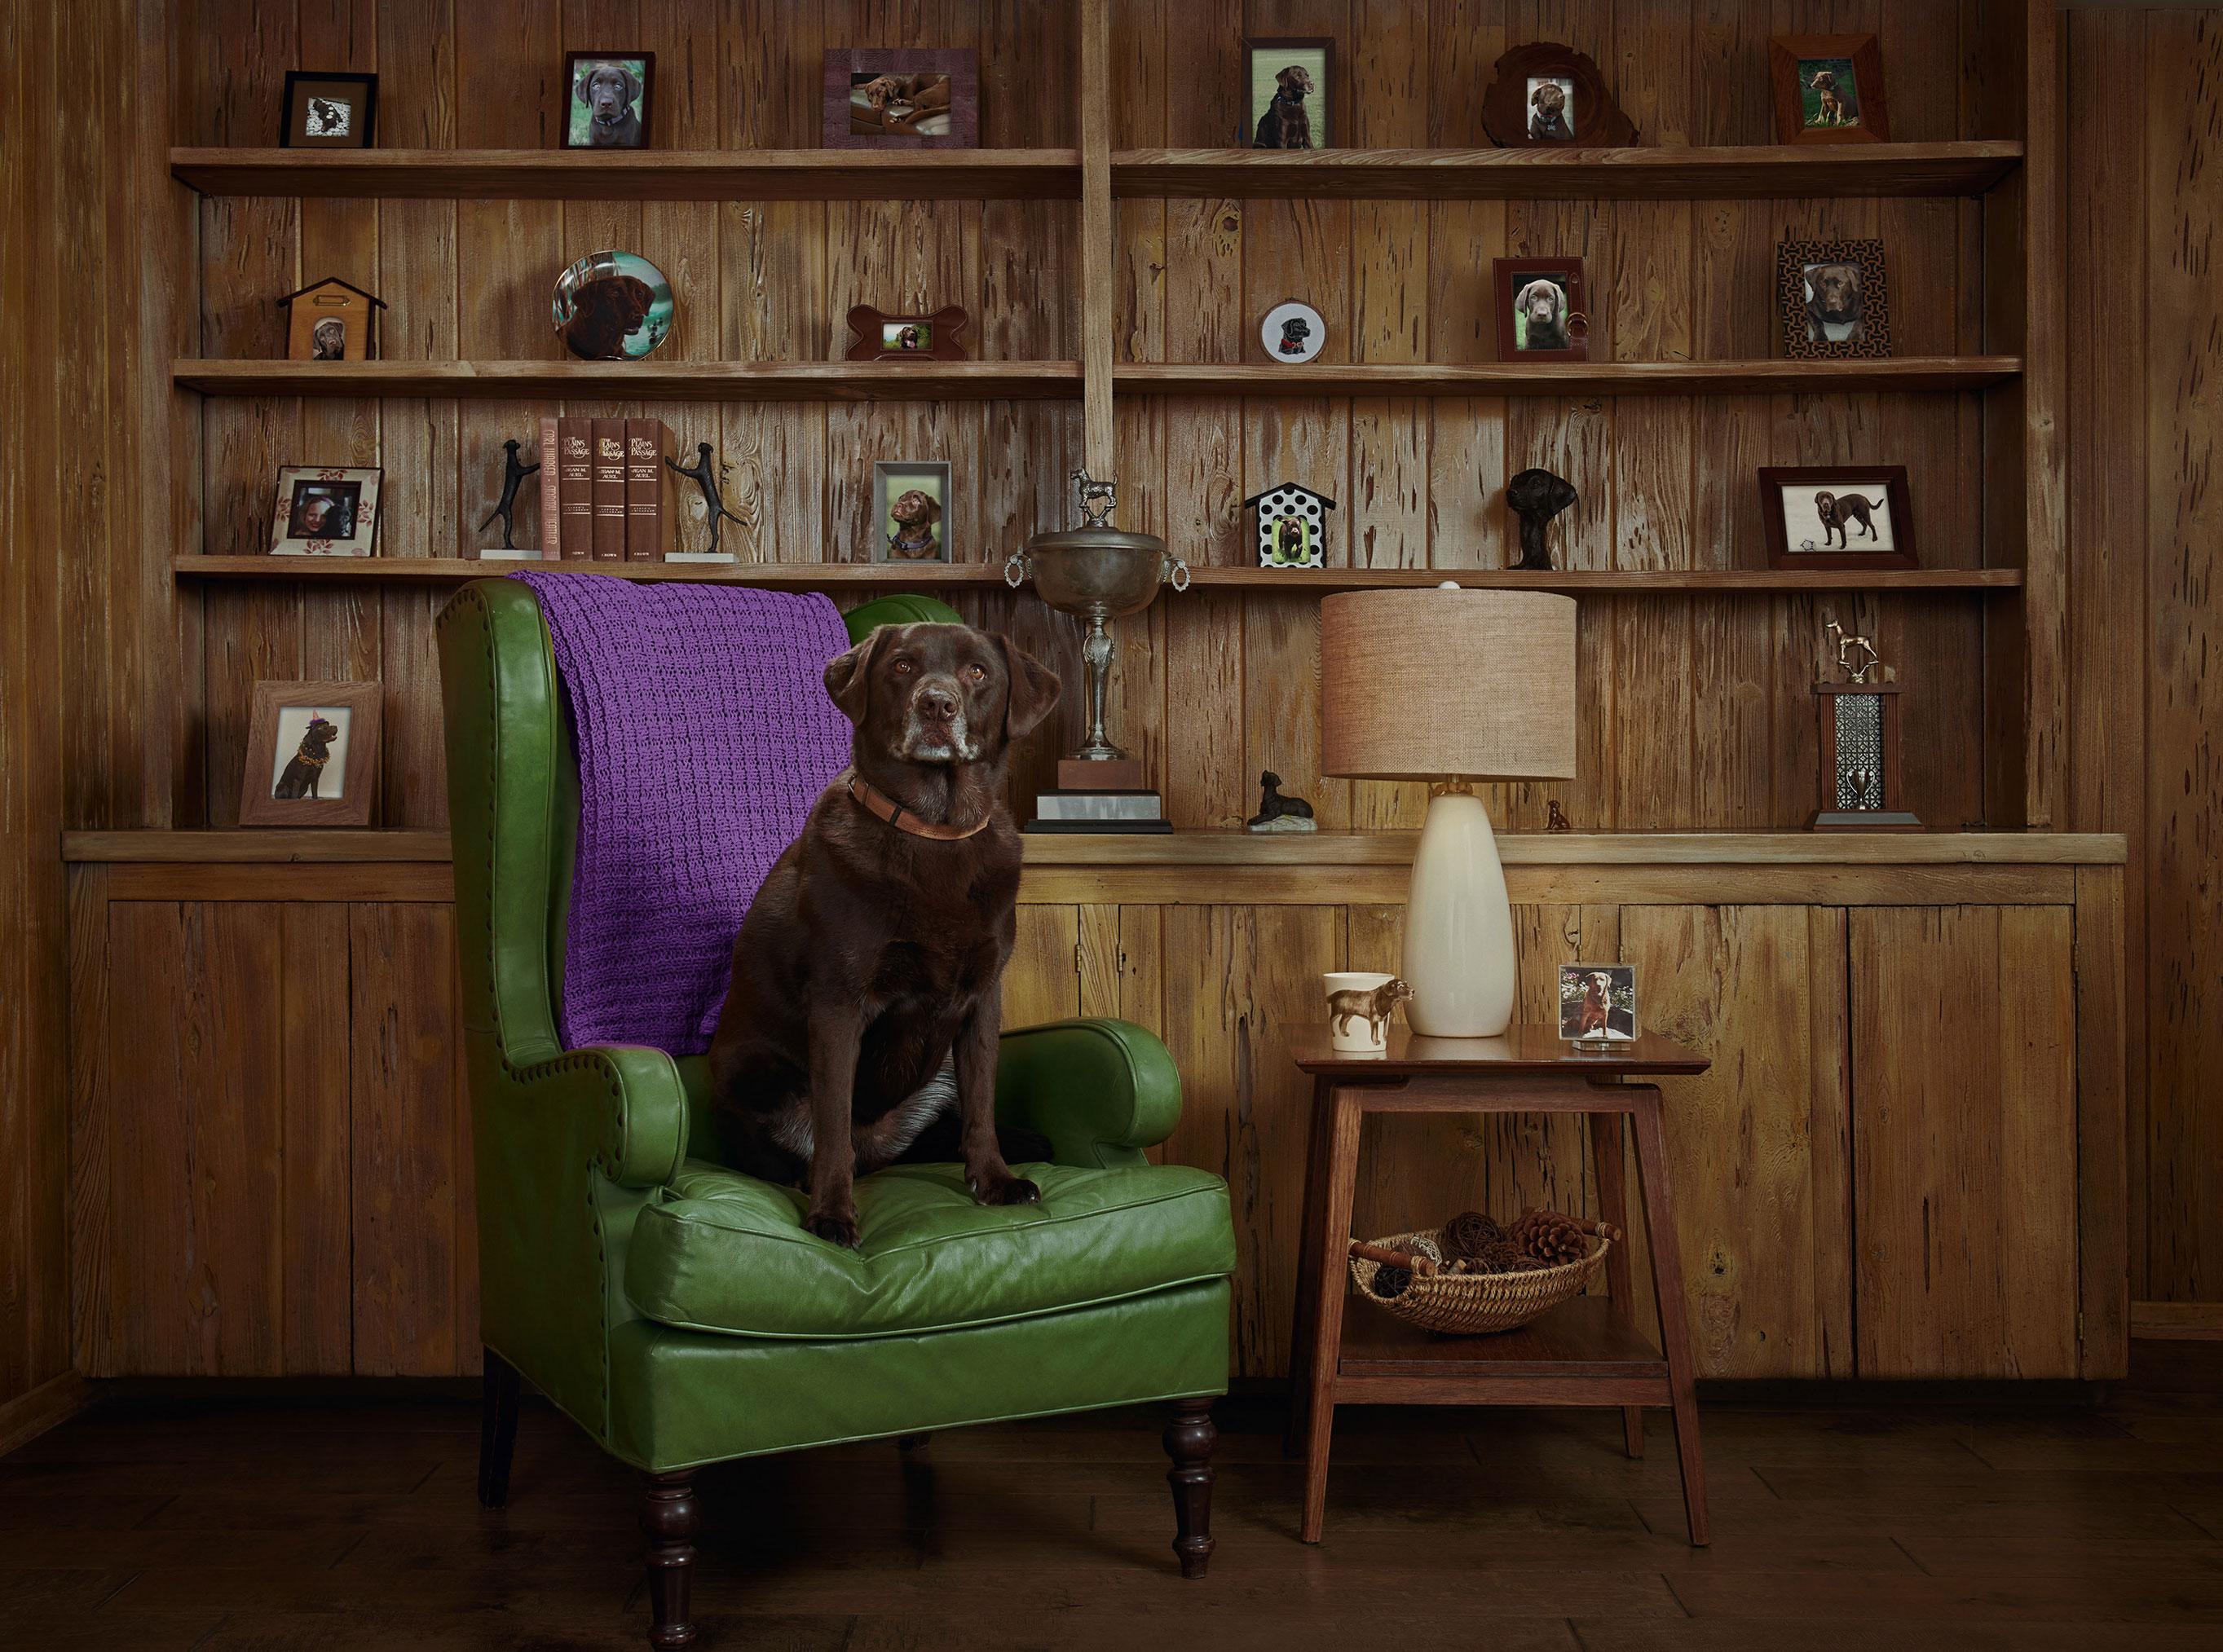 рекламная кампания успокаивающего лечебного CBD-средства для собак / фото 07